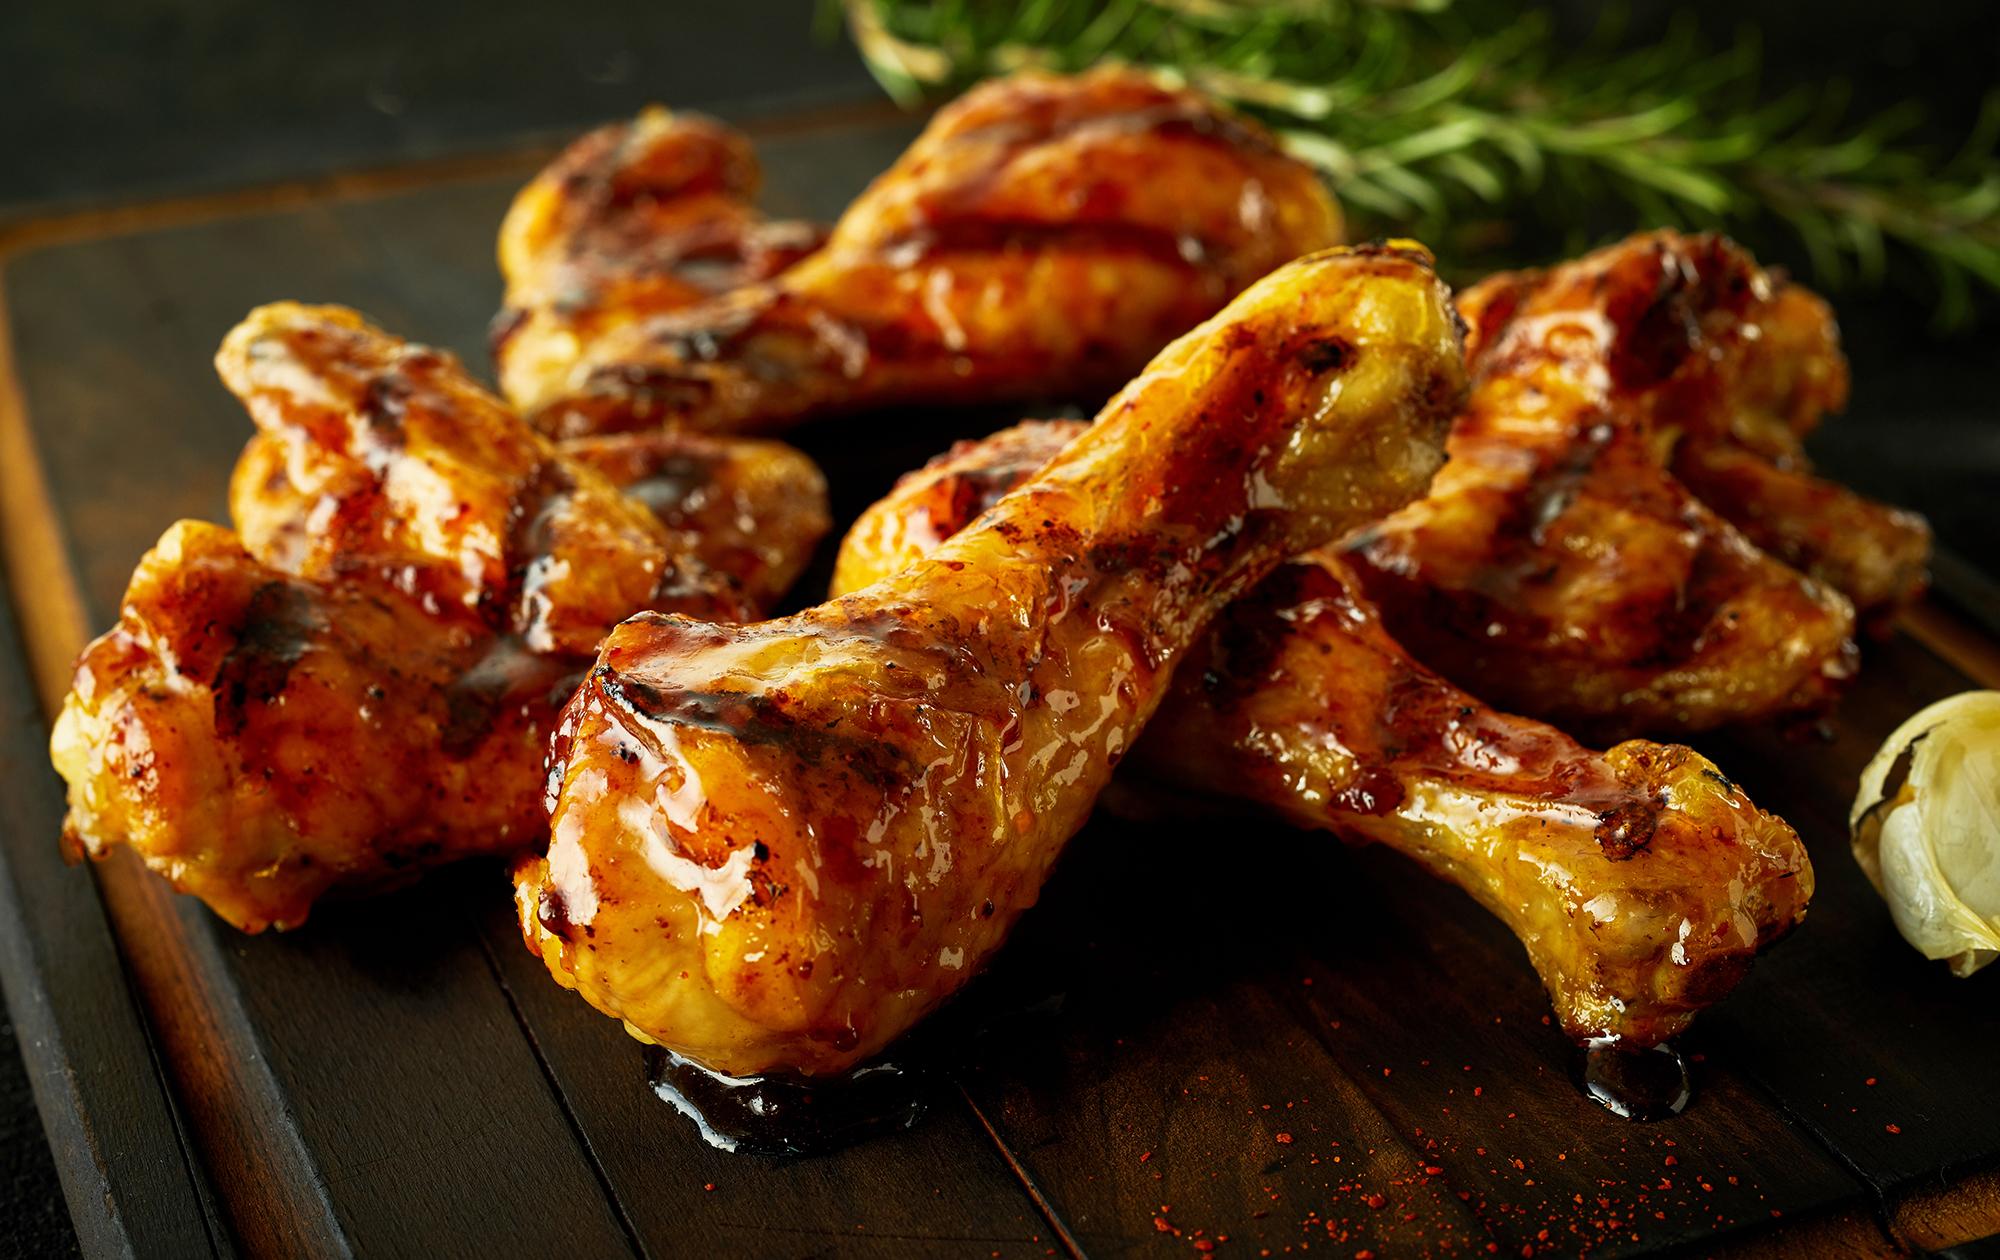 hubers landhendl - chicken wings mit rosmarin